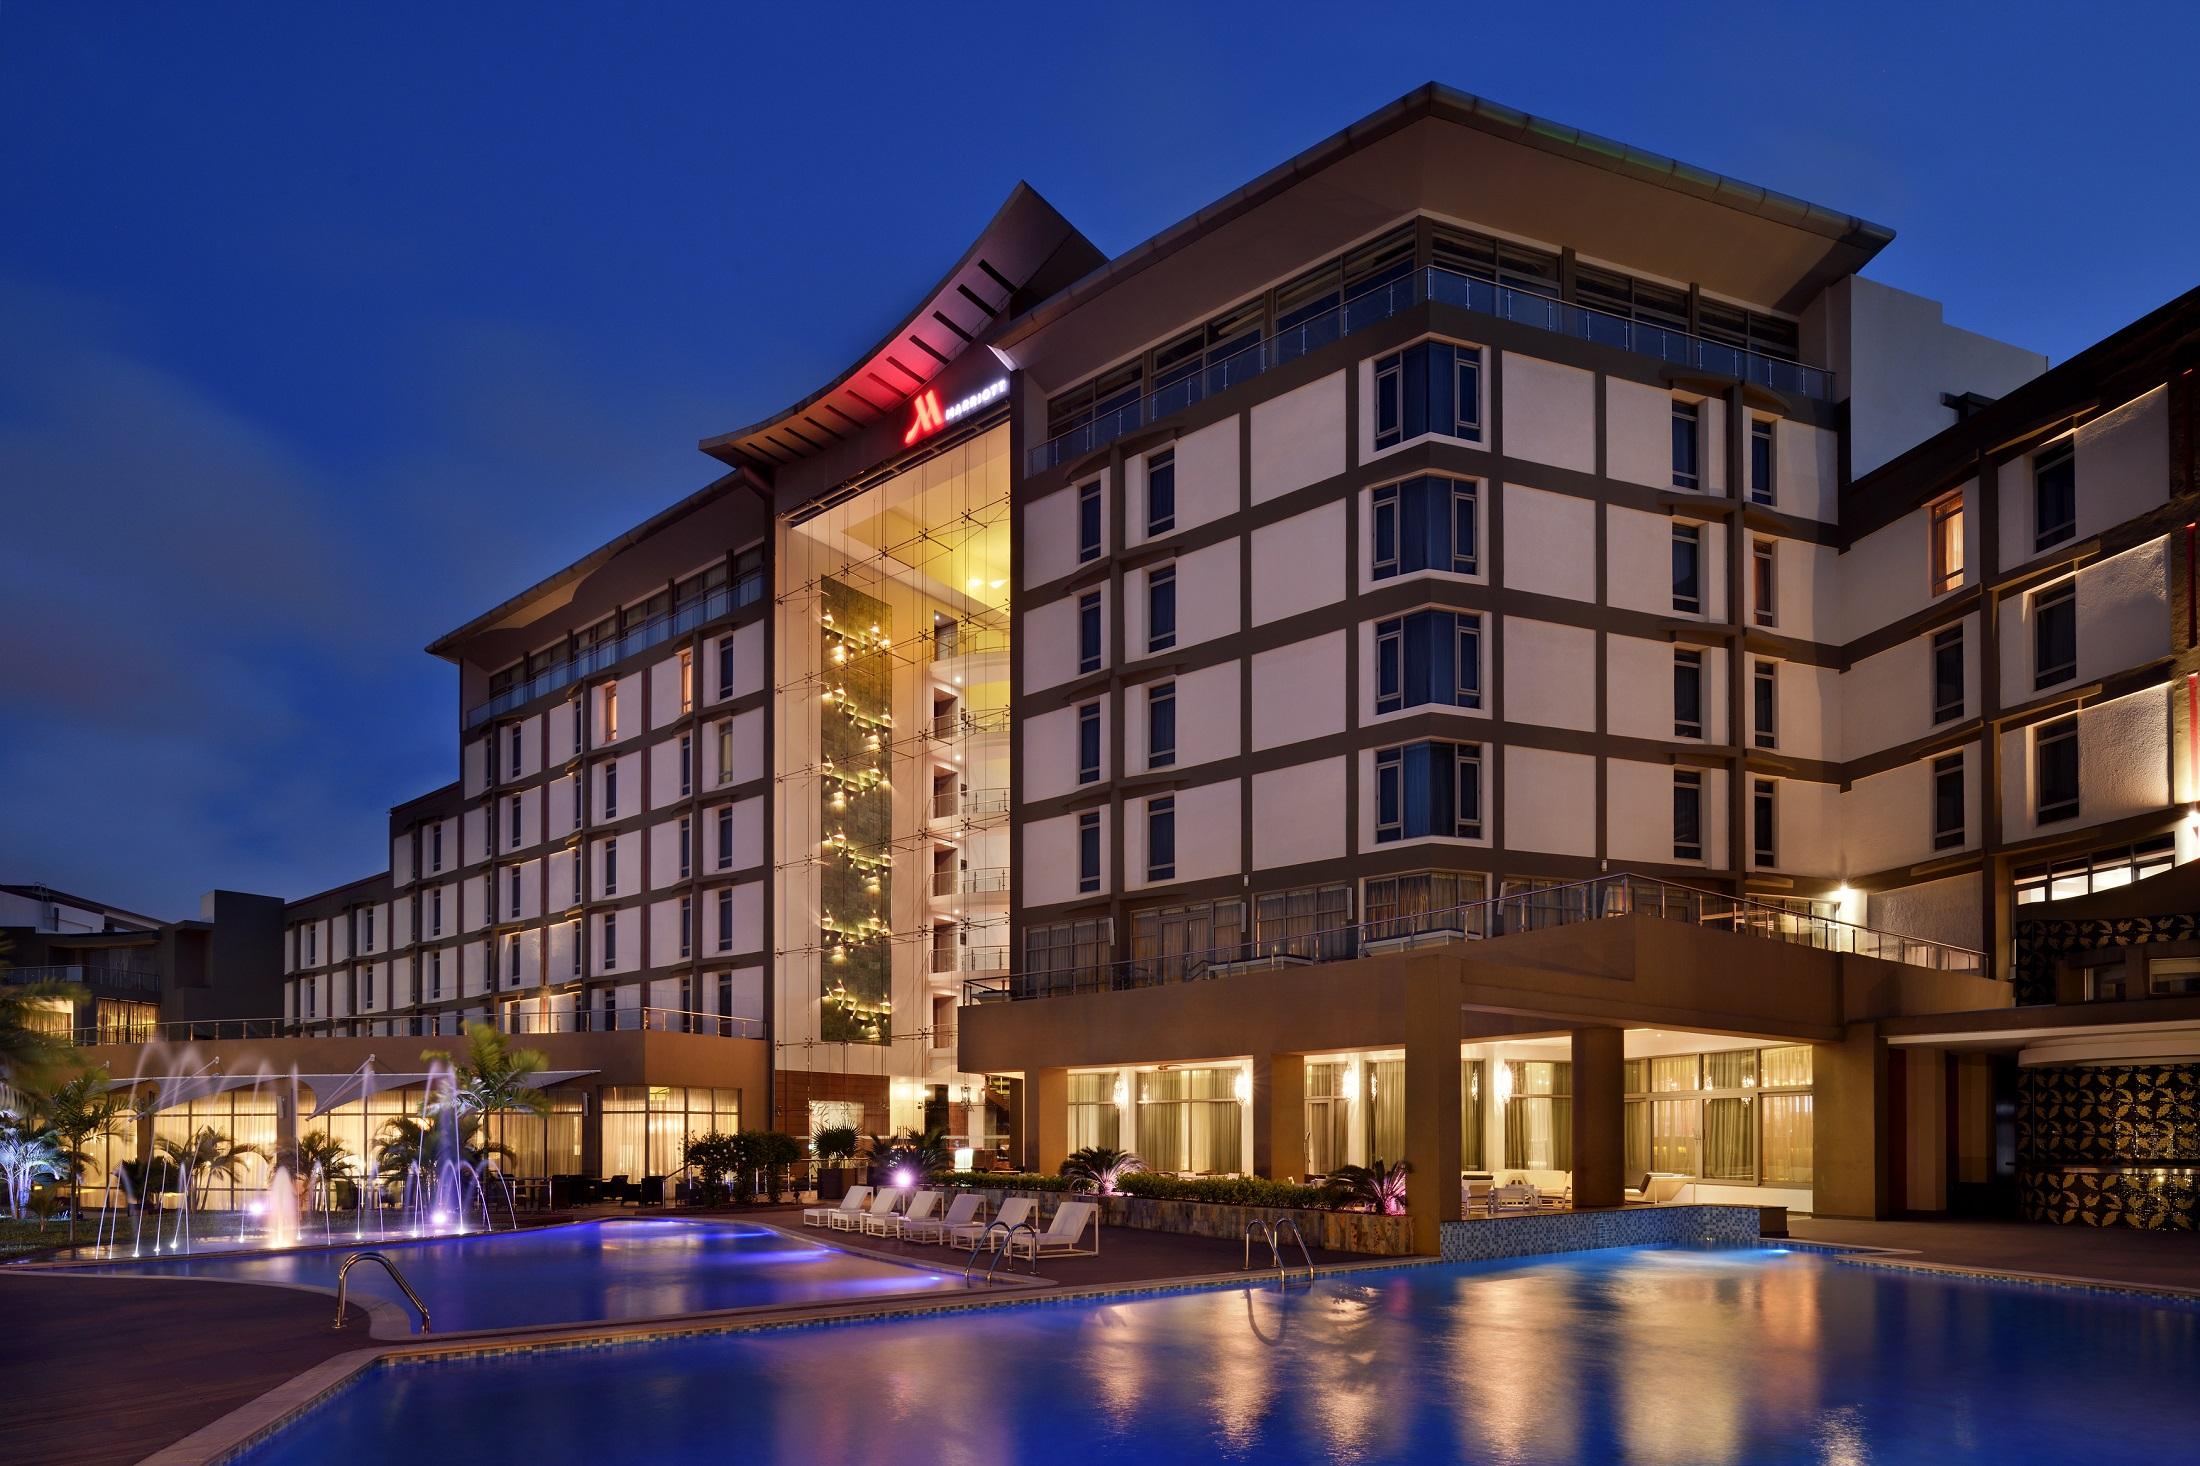 5,2 млн постояльцев отелей Marriott стали жертвами утечки данных